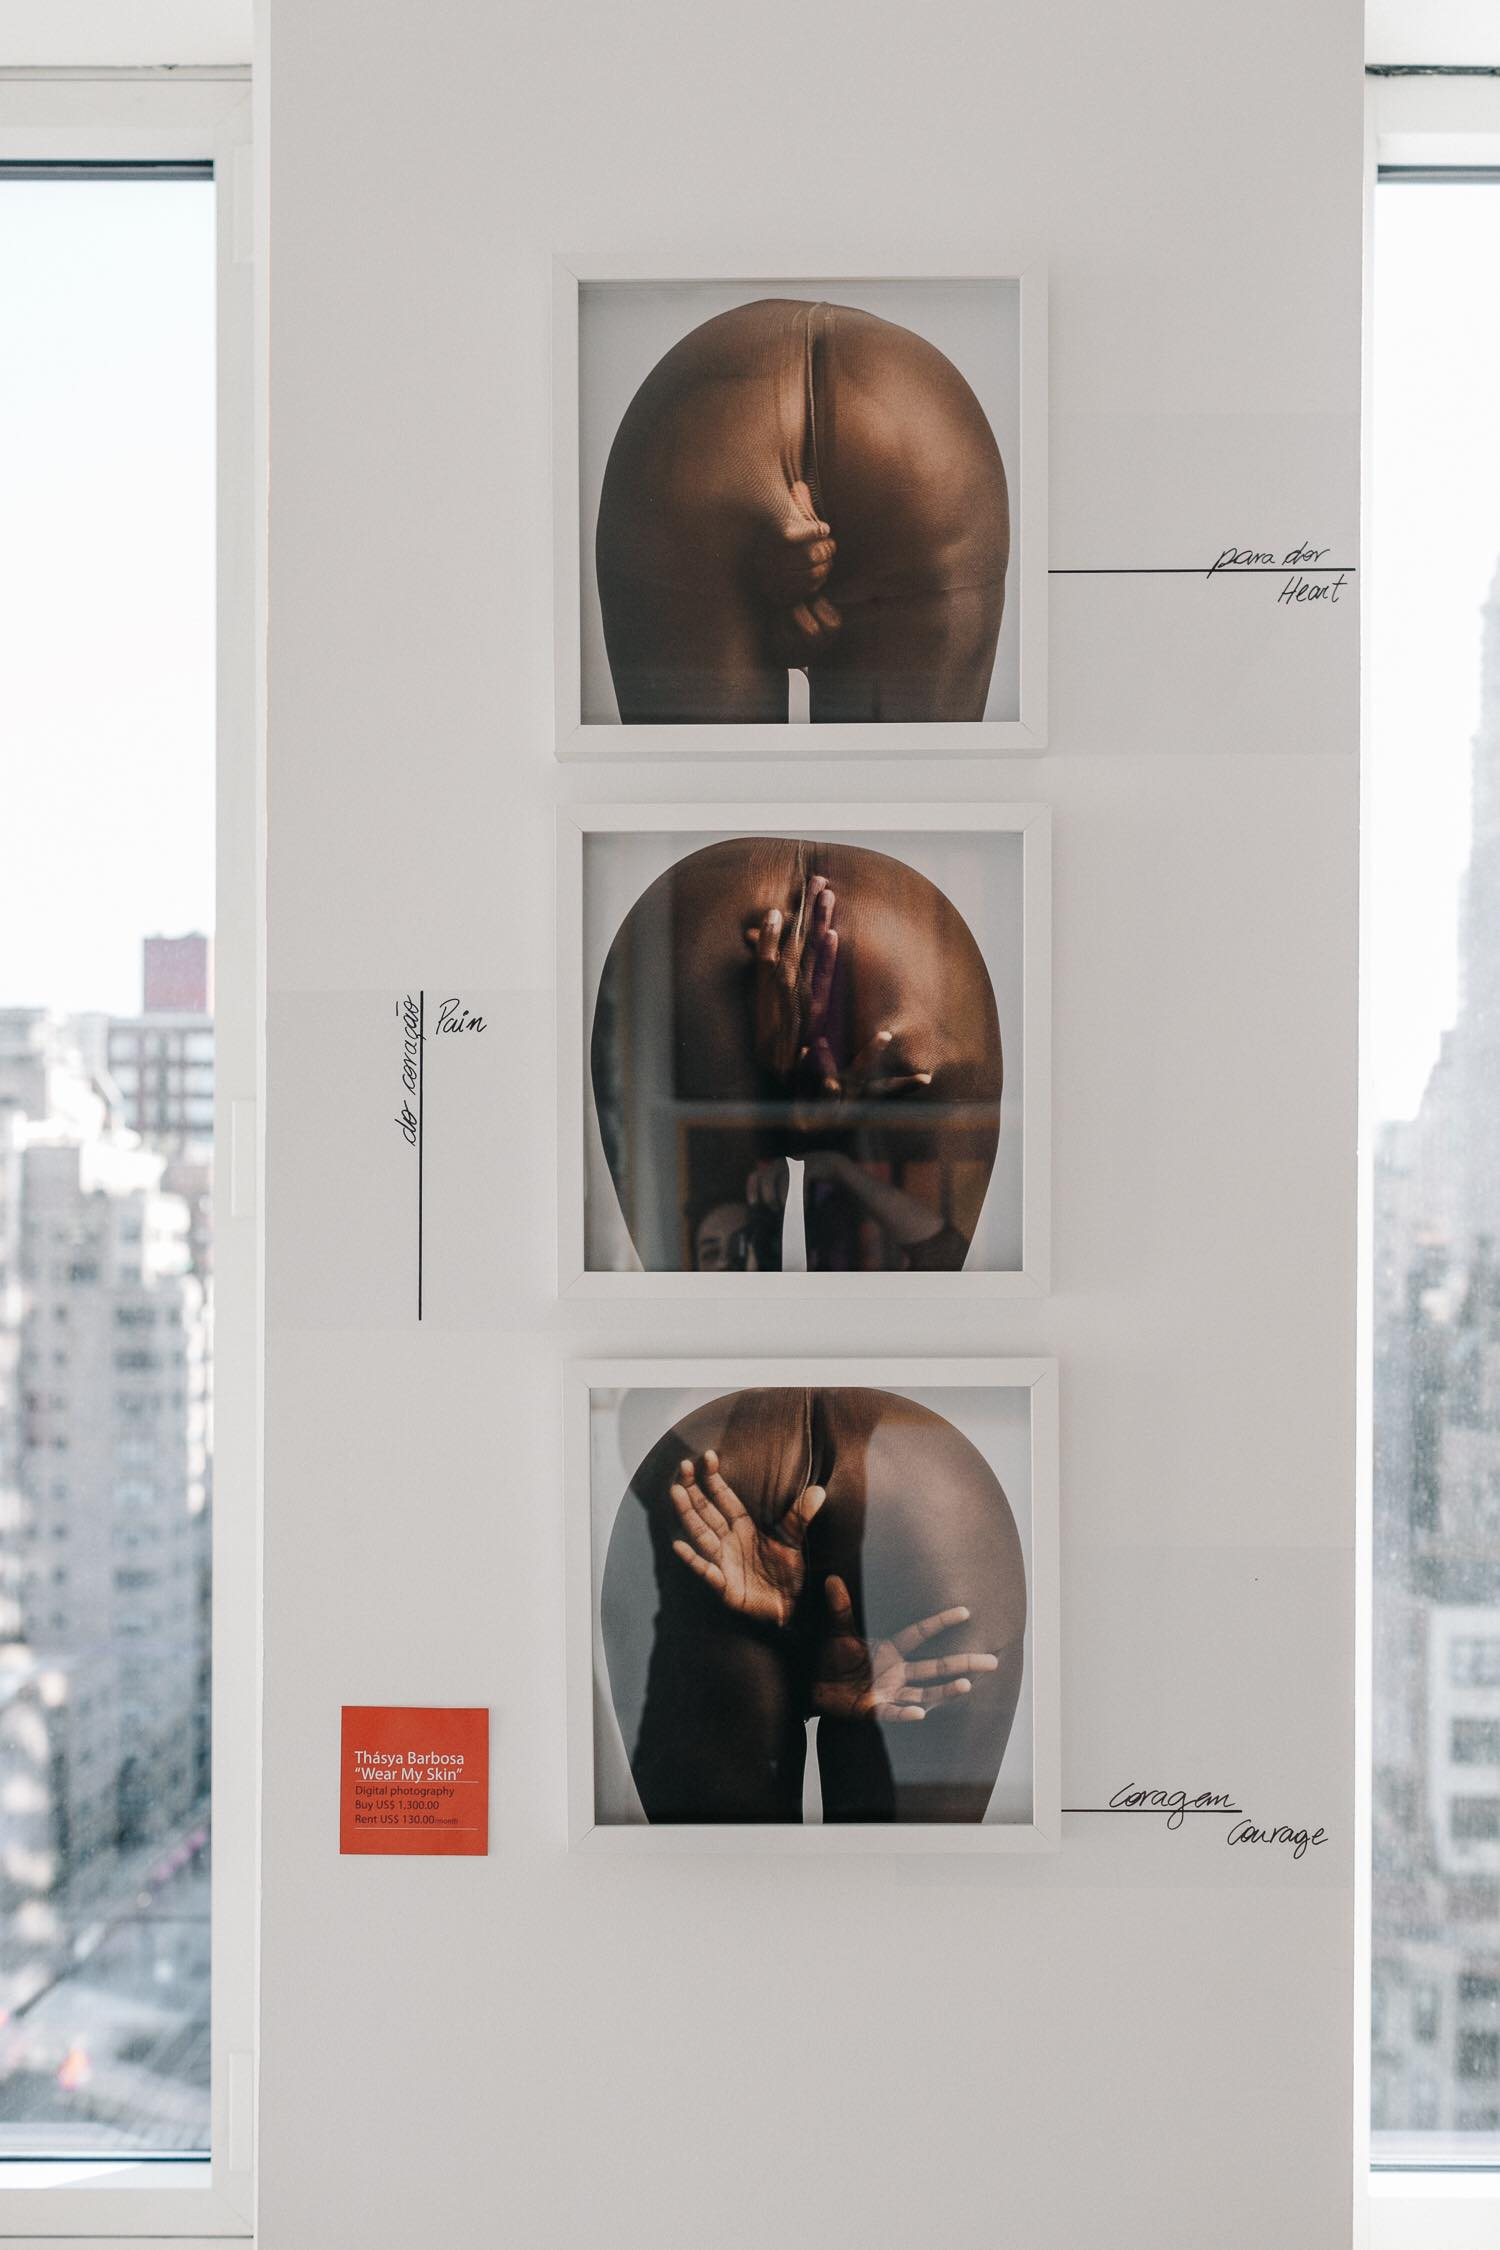 Obra Thasya Barbosa apArt NY.jpg